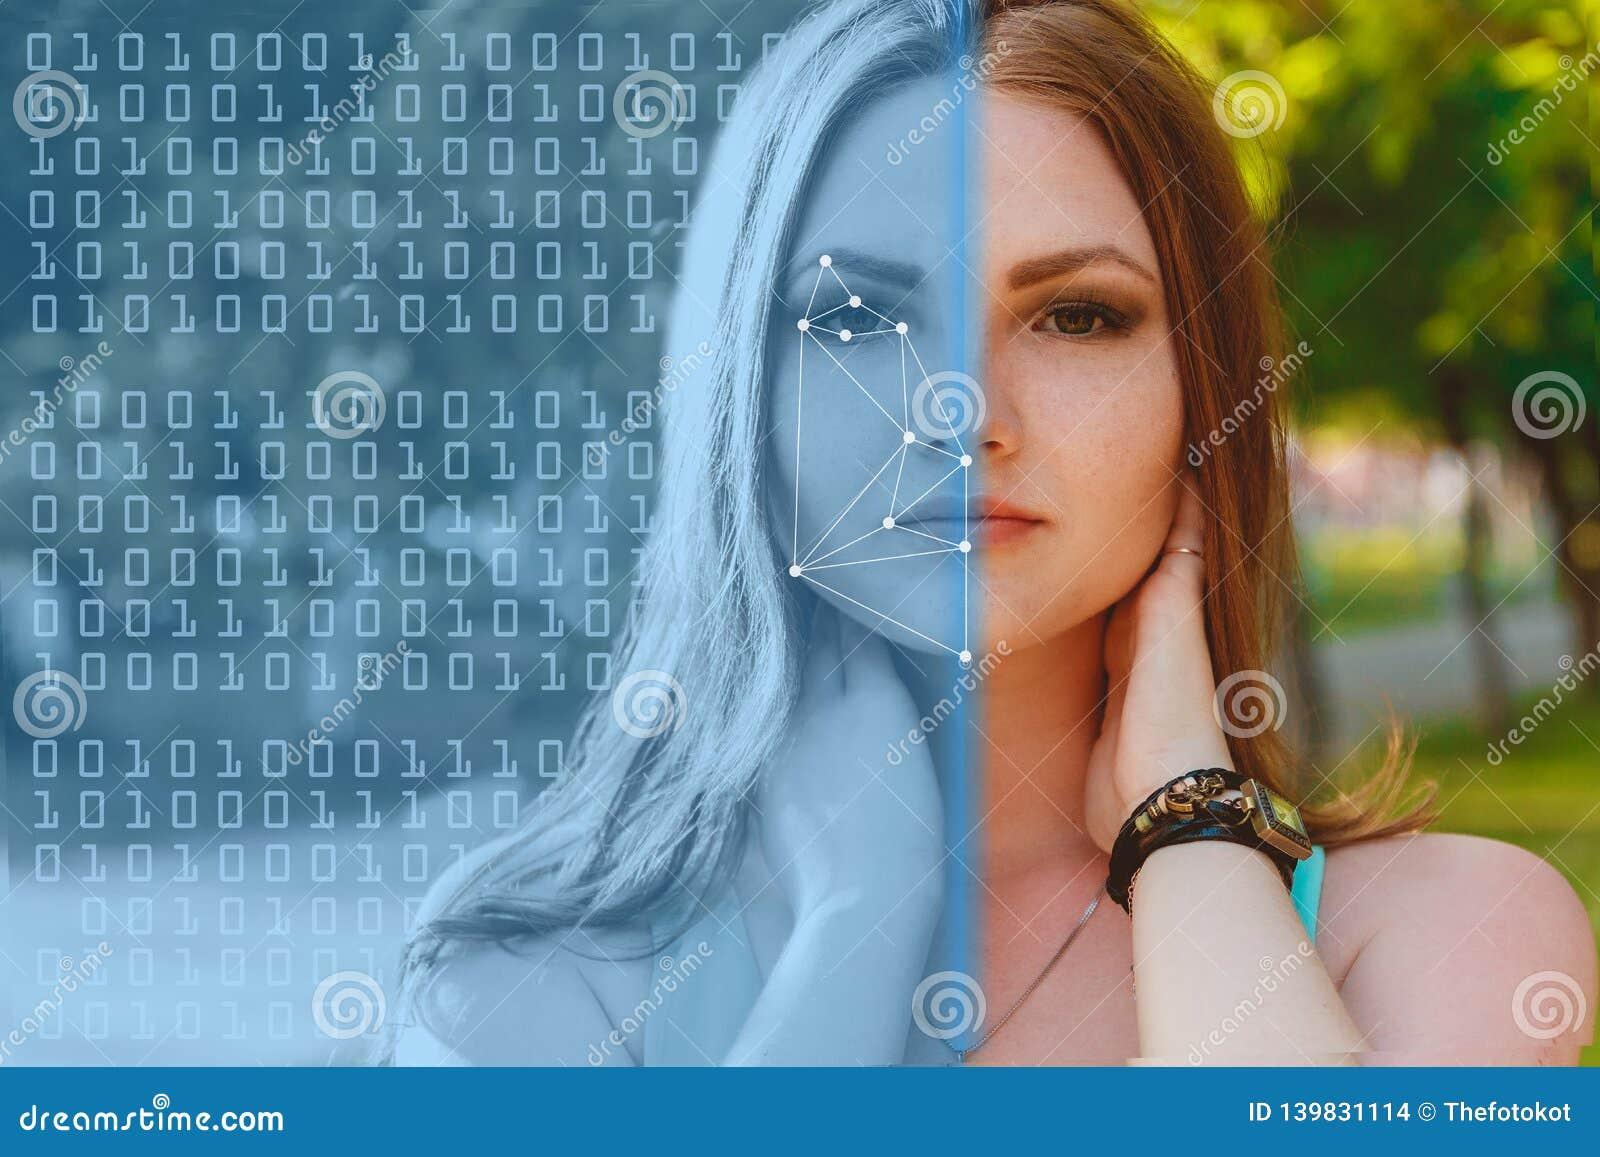 Biometrische Controle Jonge Vrouw 15 Het concept een nieuwe technologie van gezichtserkenning op veelhoekig net